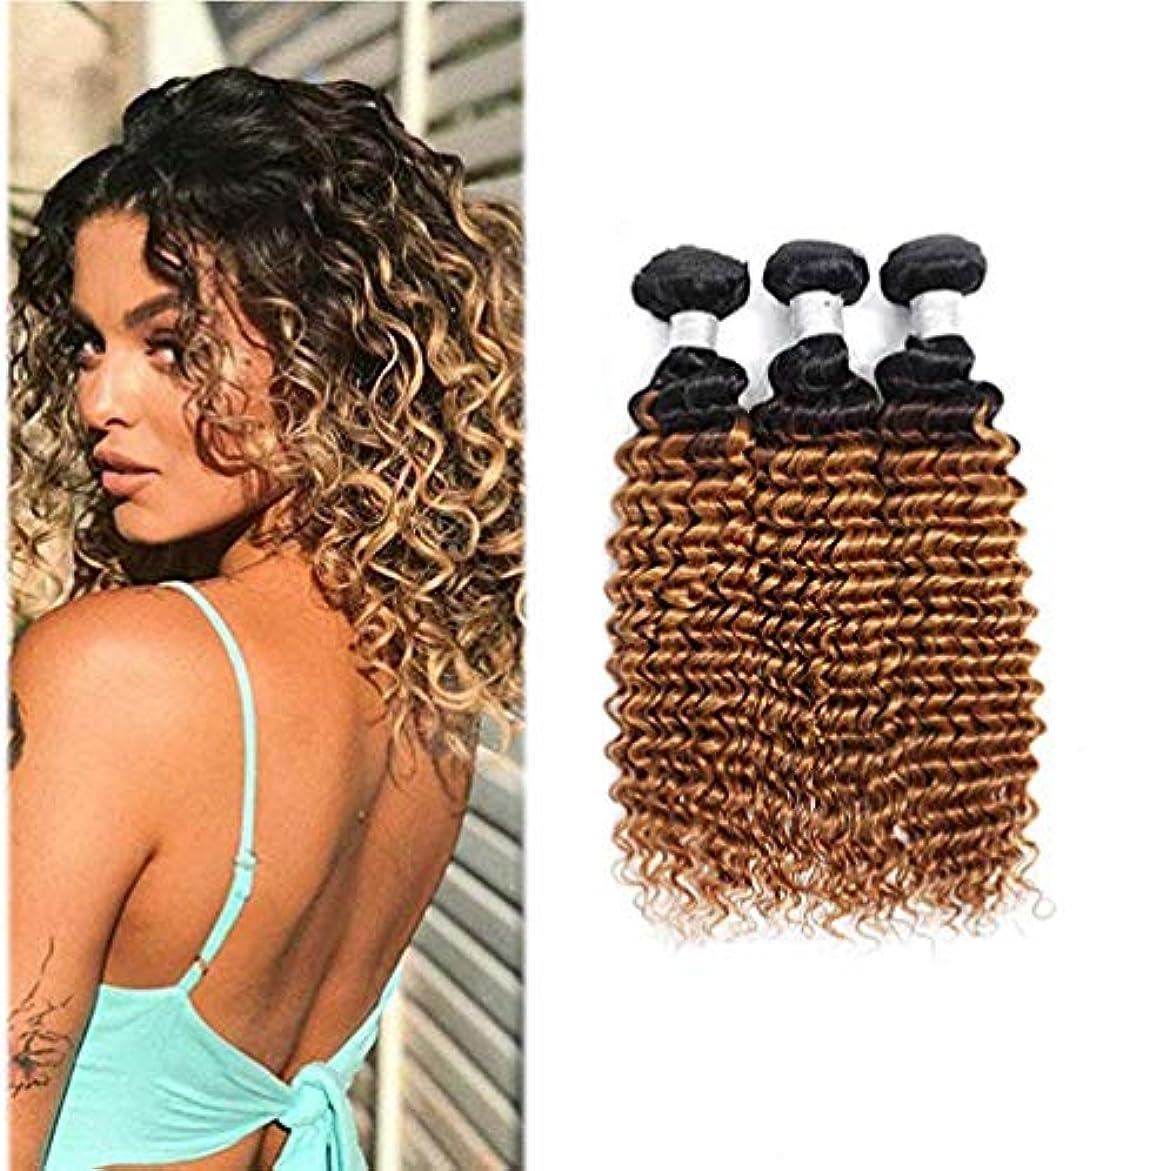 利点蒸留する暴動女性の髪織りブラジルの巻き毛の束オンブル巻き毛の束人間の髪の毛の束深い巻き毛(3束)